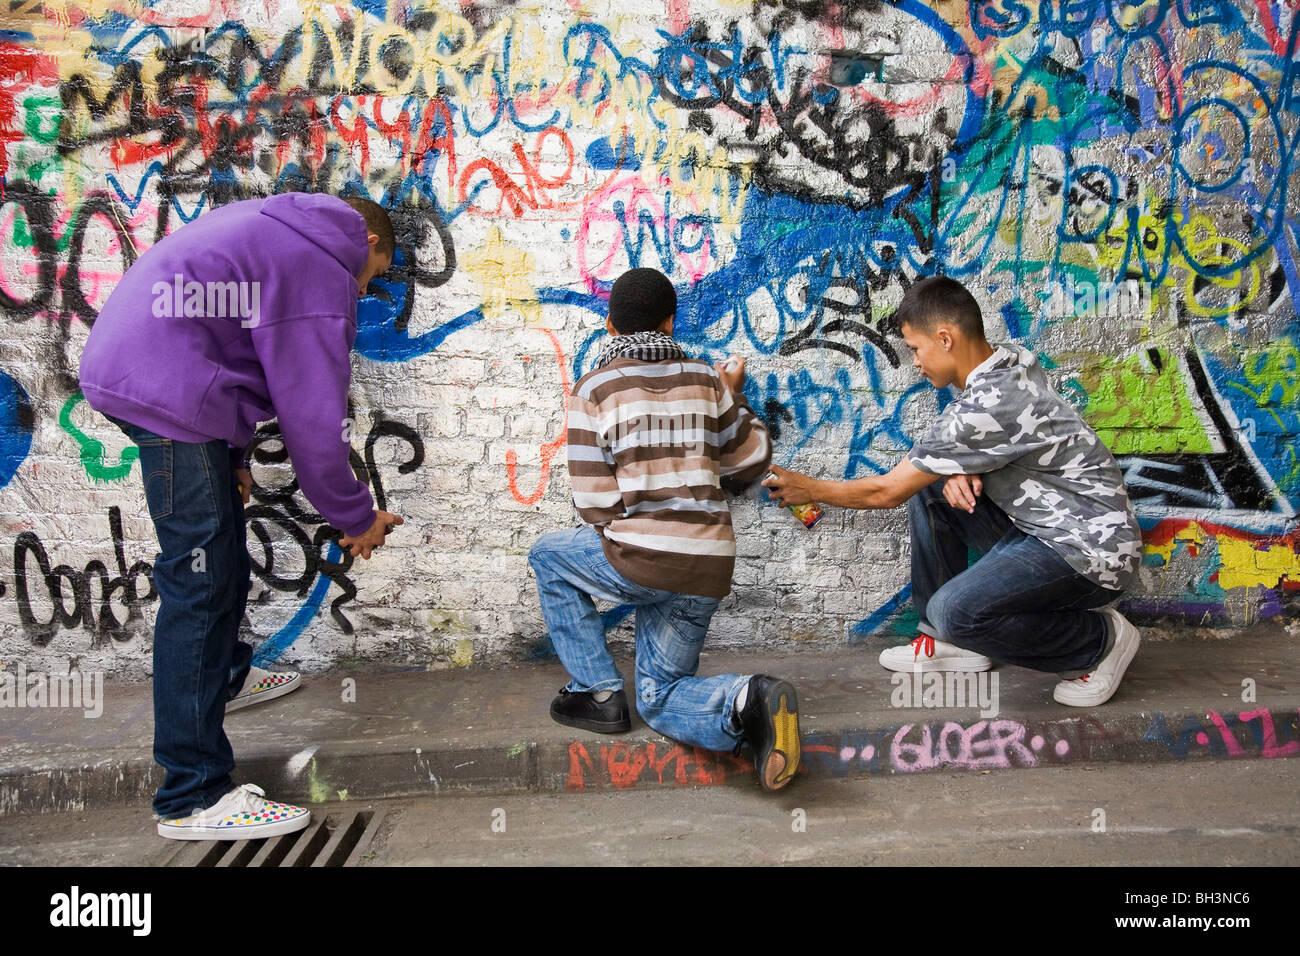 U2 graffiti wall location - Teenage Gang Doing Graffiti On A Wall Stock Image